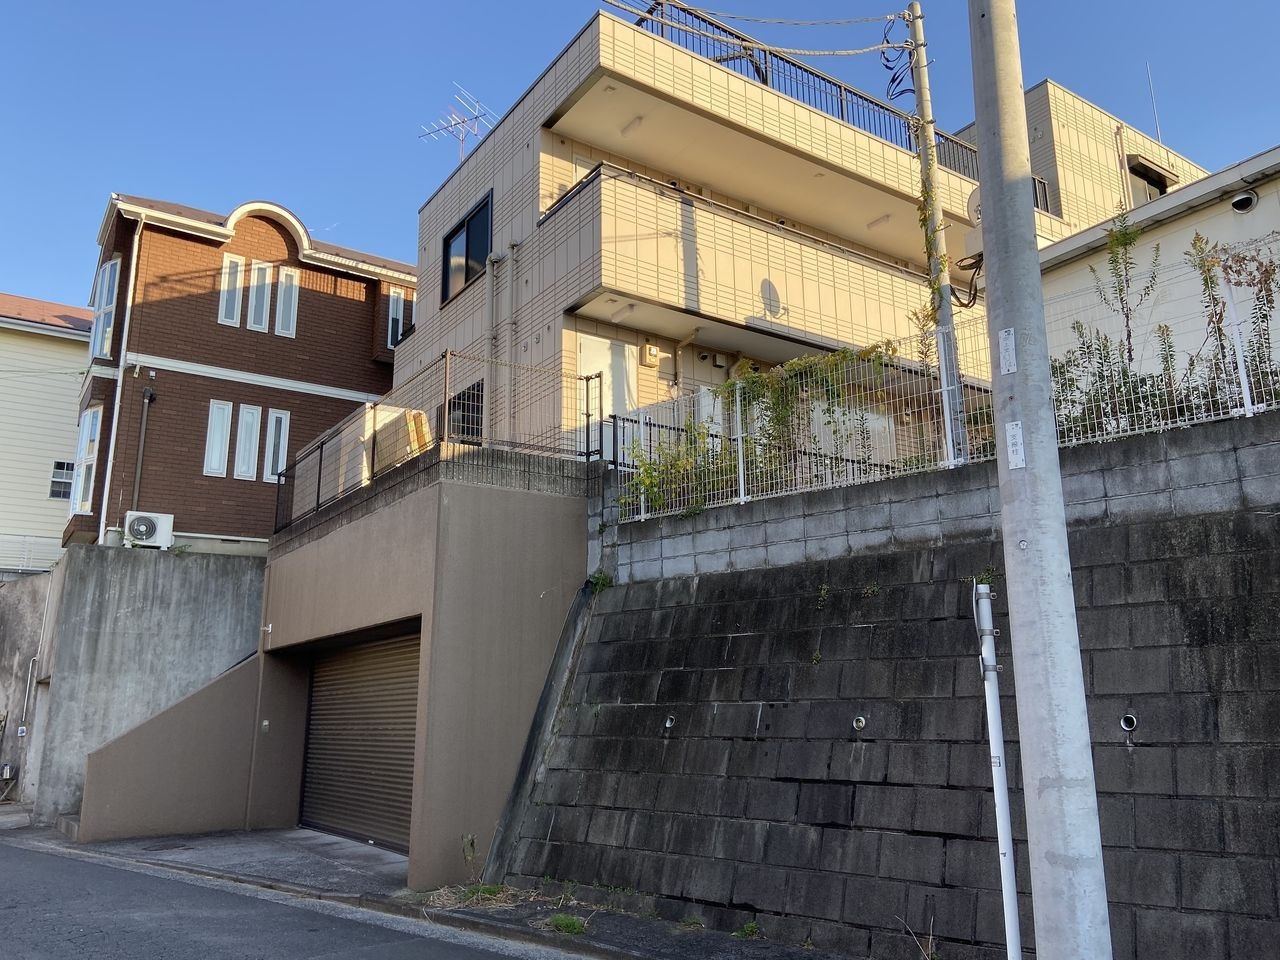 1Rマンション・クロワールワンの共用廊下側の外観